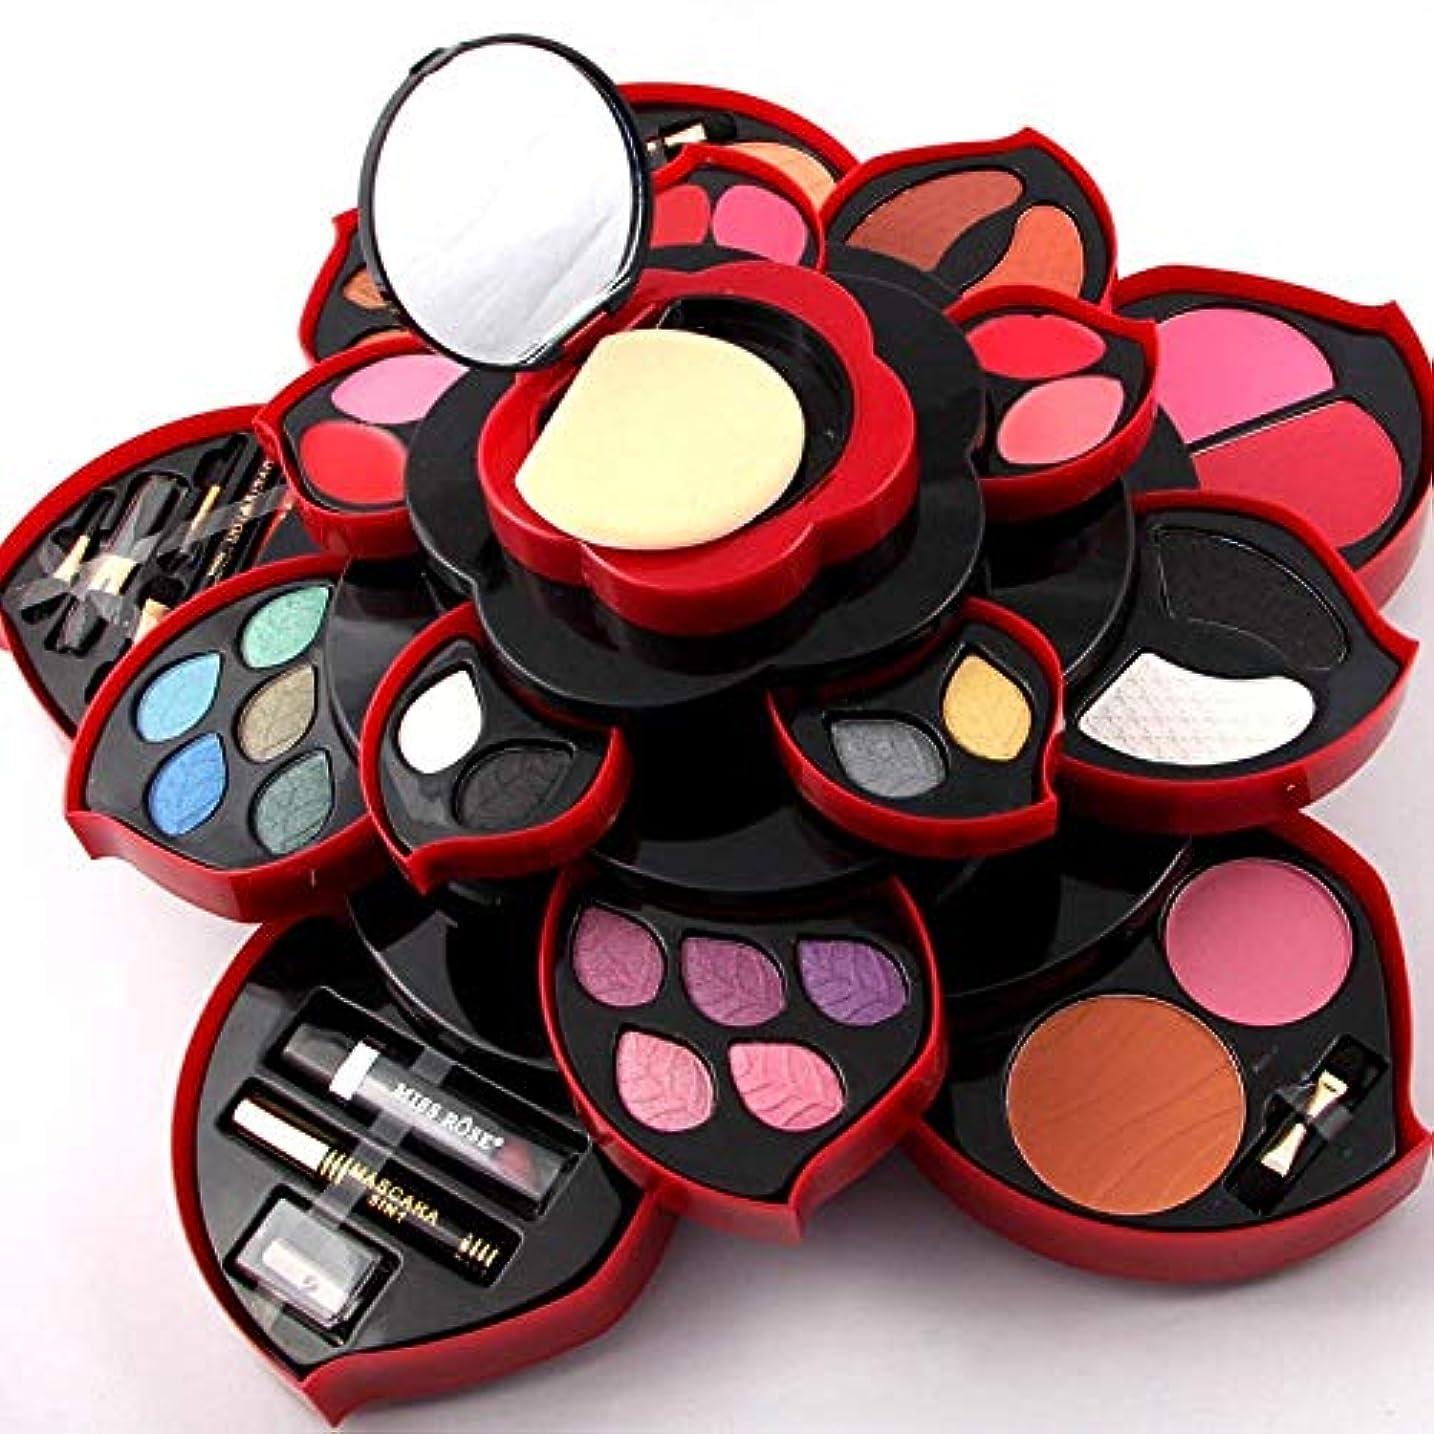 責何か醜いアイシャドウの化粧パレット、マット&シマーアイシャドウ、化粧鏡付きの高度に着色された化粧パレット